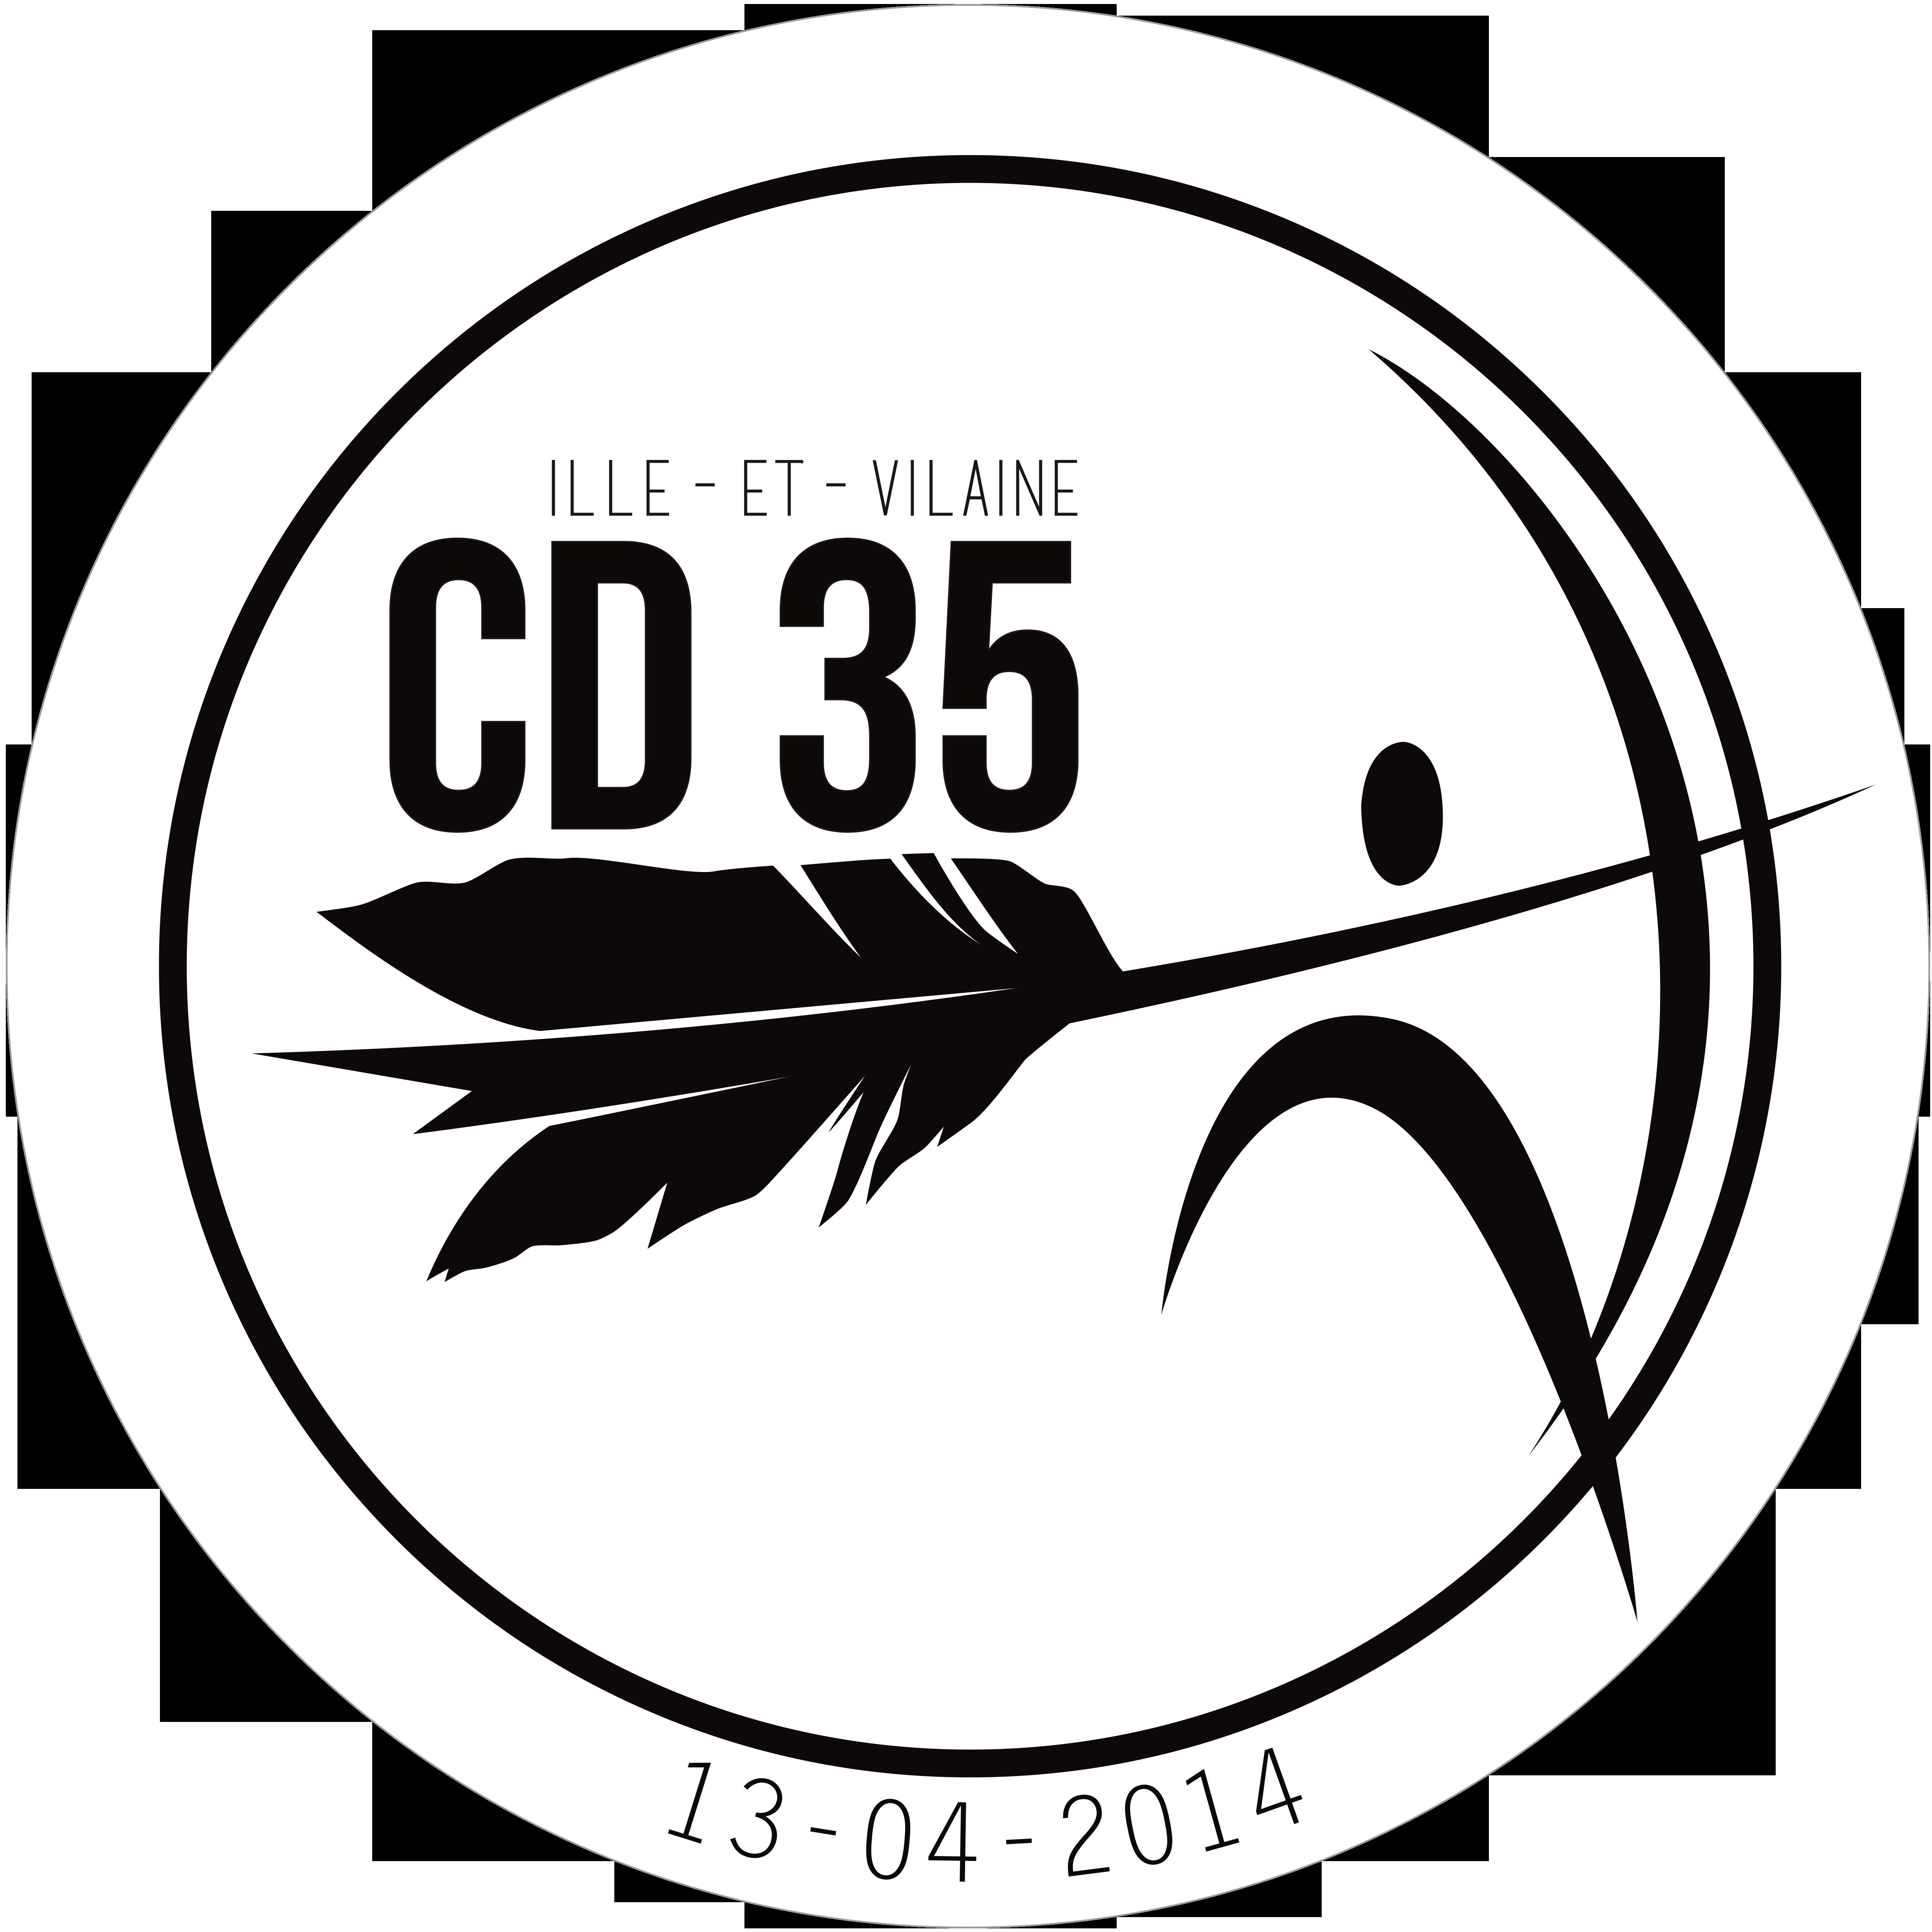 logo_CD35-130414